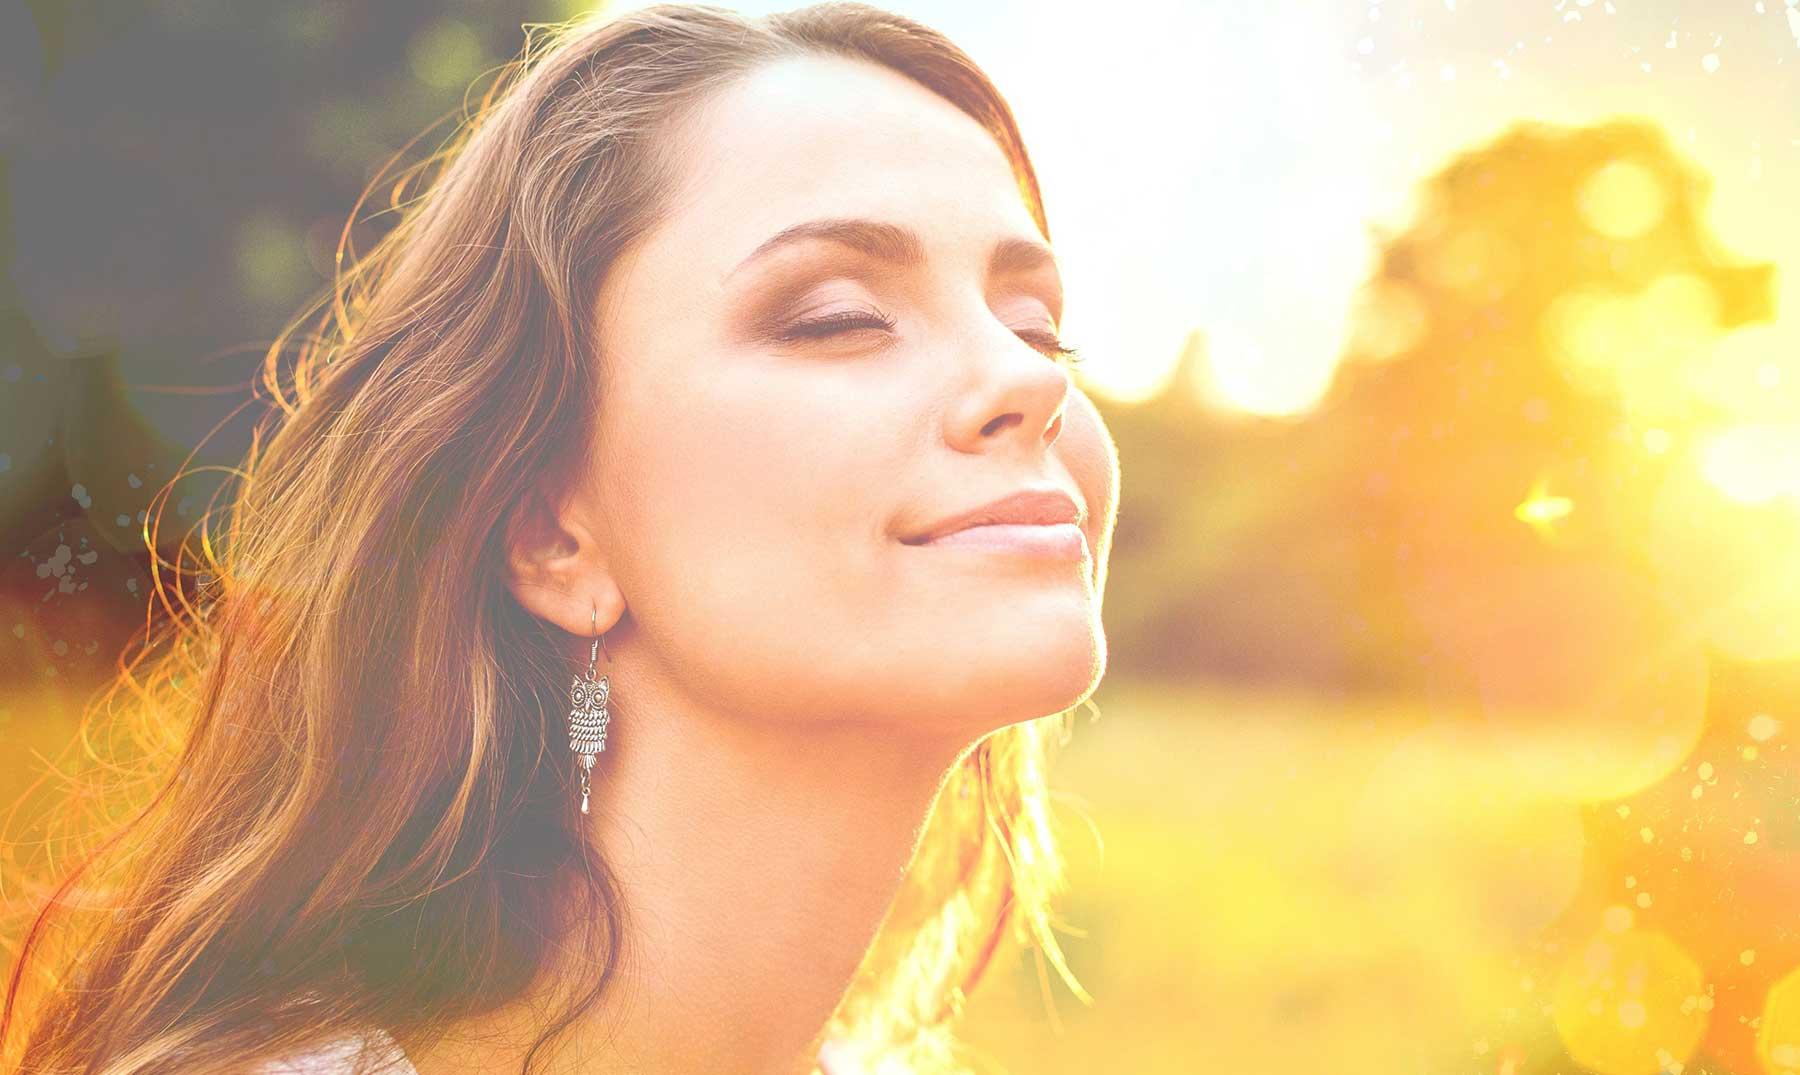 10 Frases de la vida que nos enseñan cómo vivirla